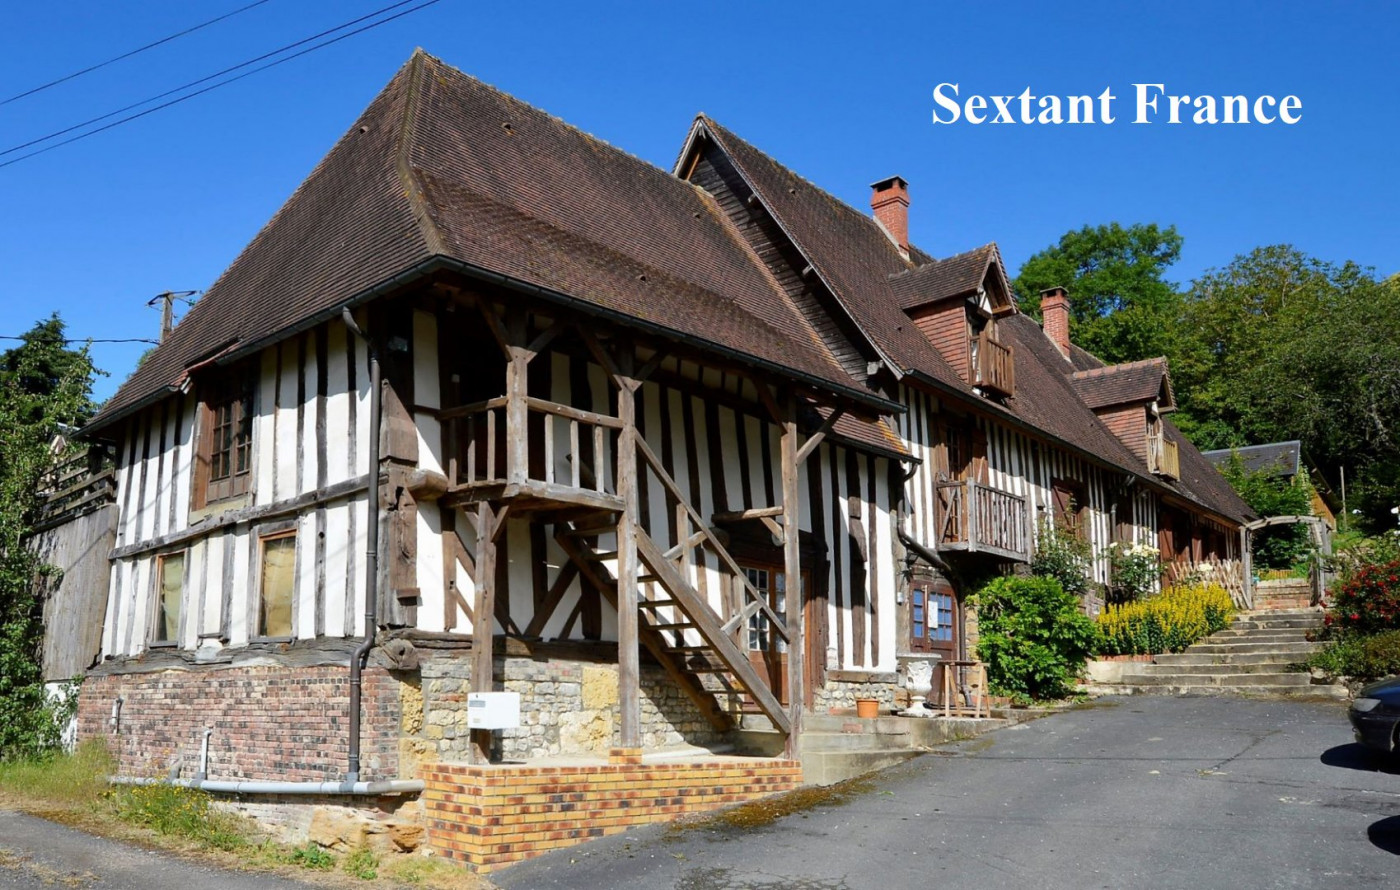 A vendre Vimoutiers 75011102034 Sextant france